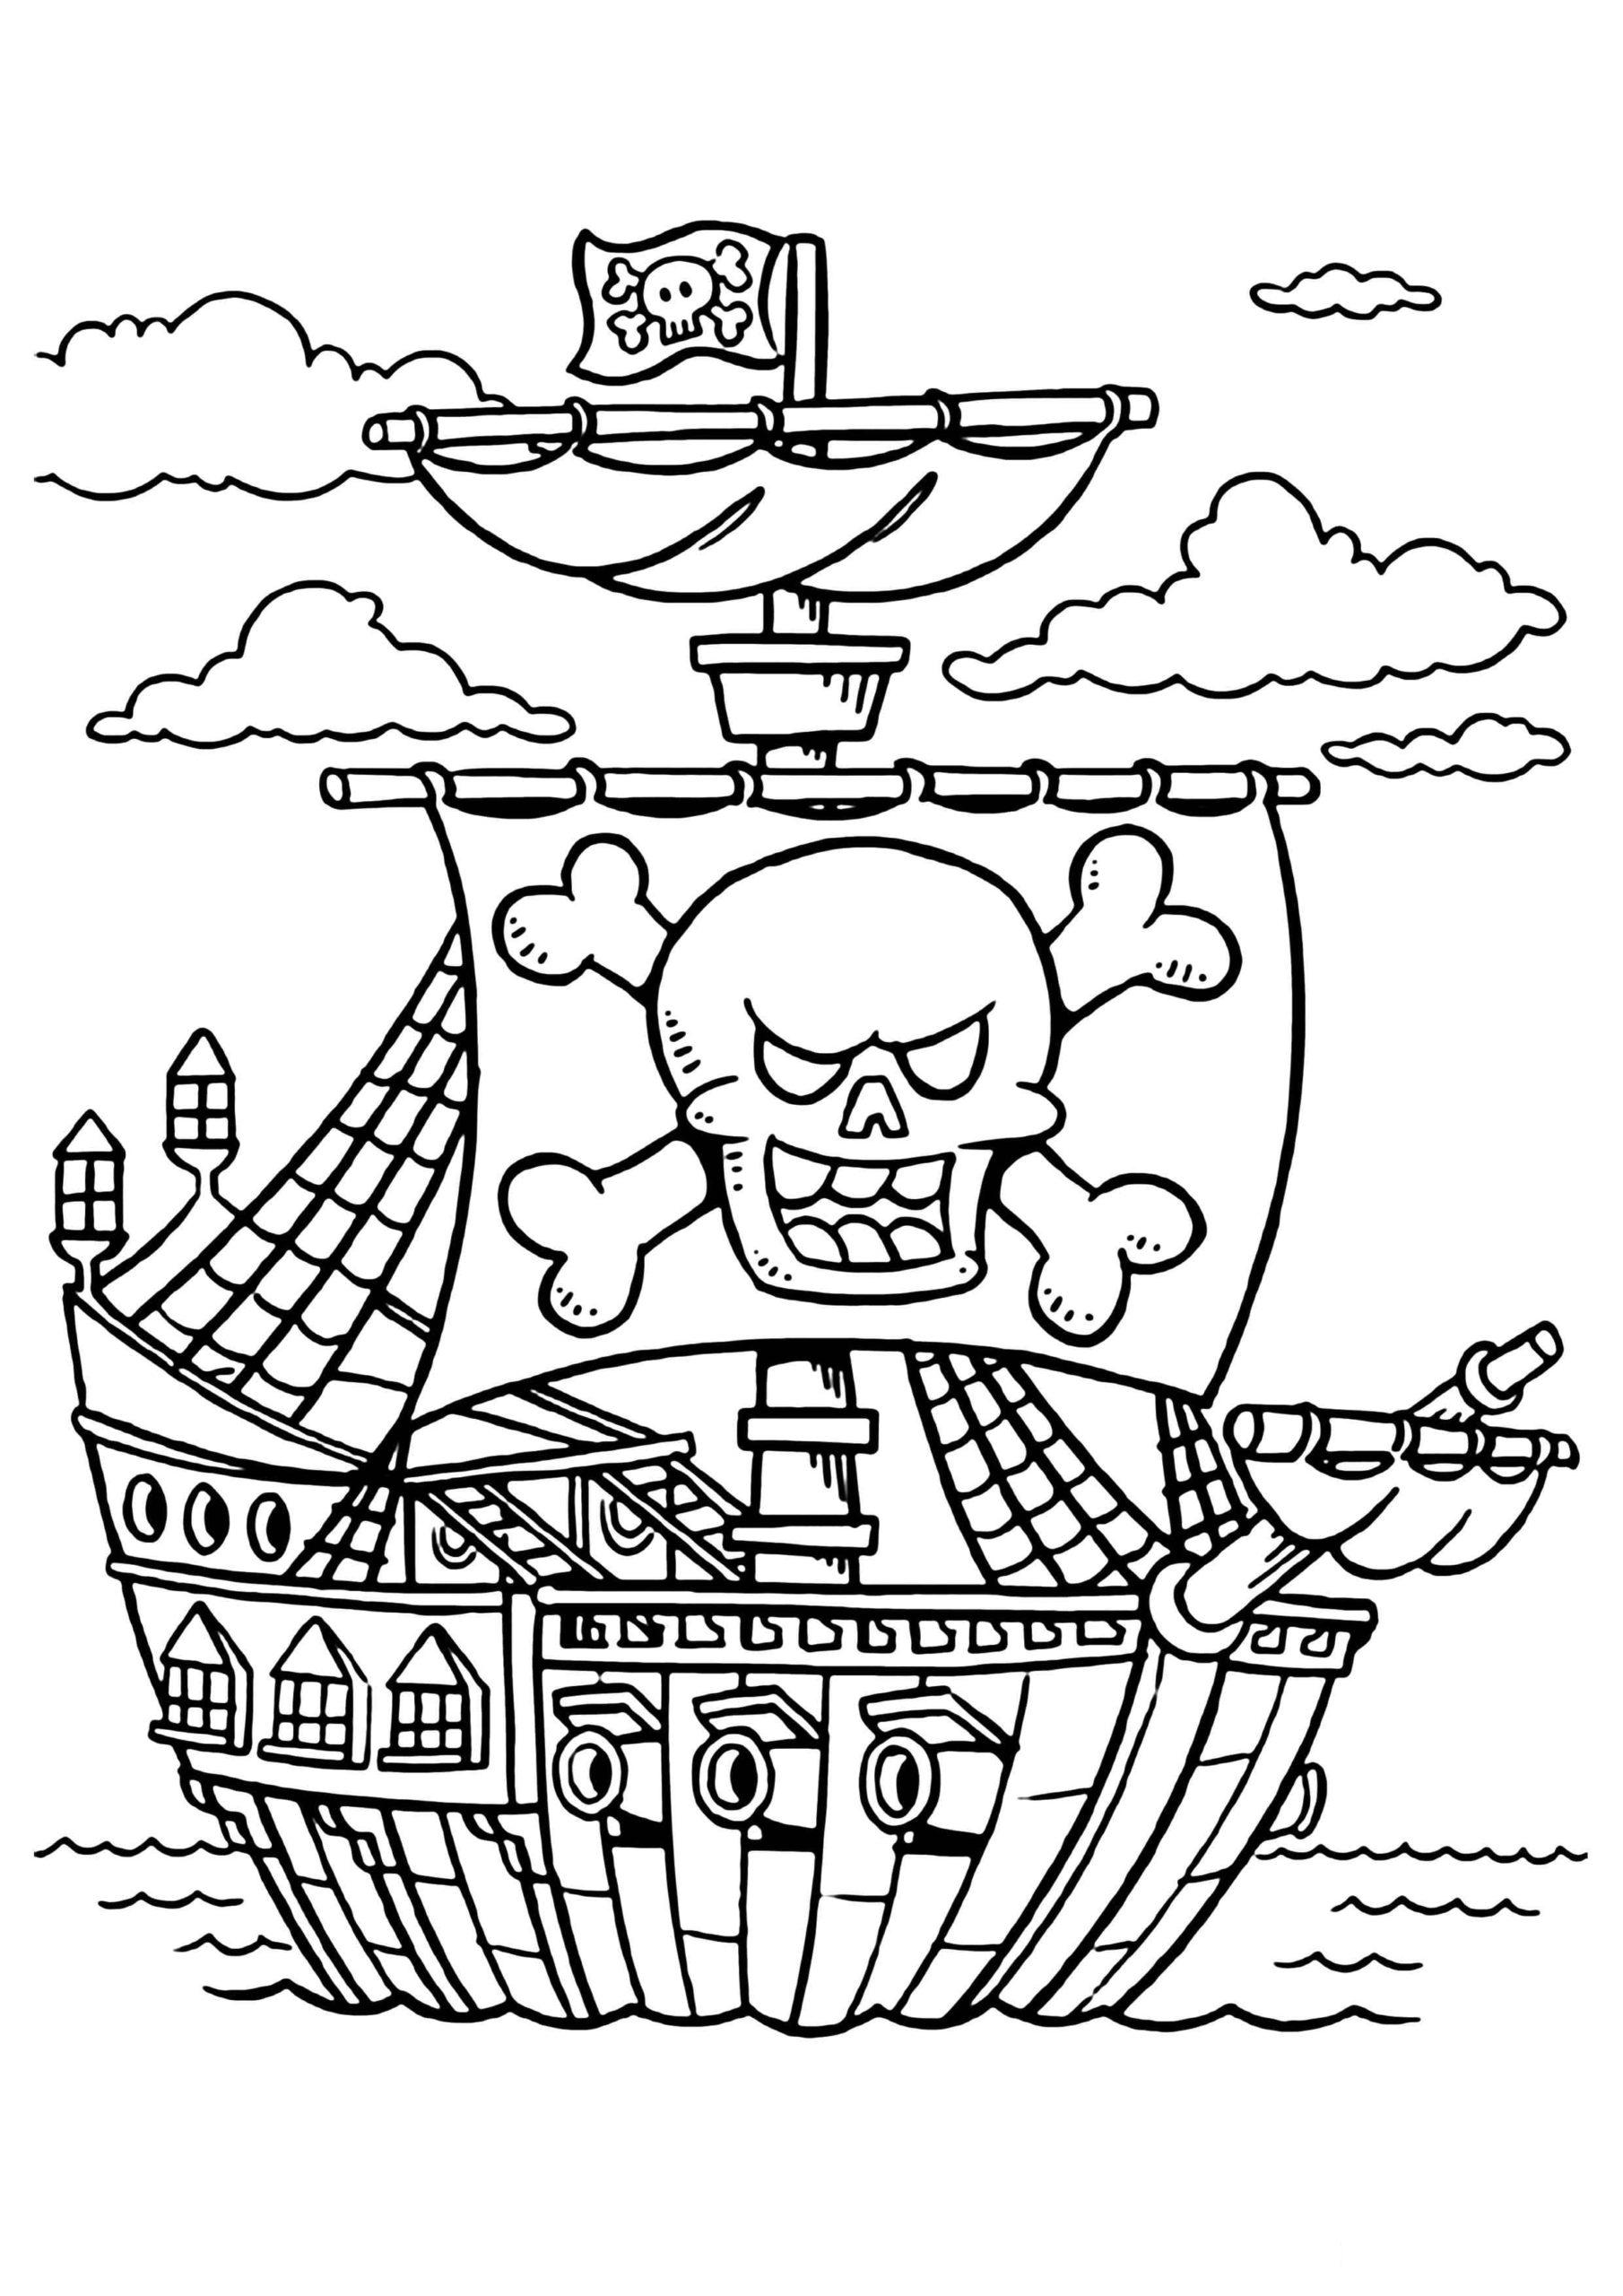 Ausmalbilder Piraten  5 Malvorlagen Kostenlos zum Ausdrucken